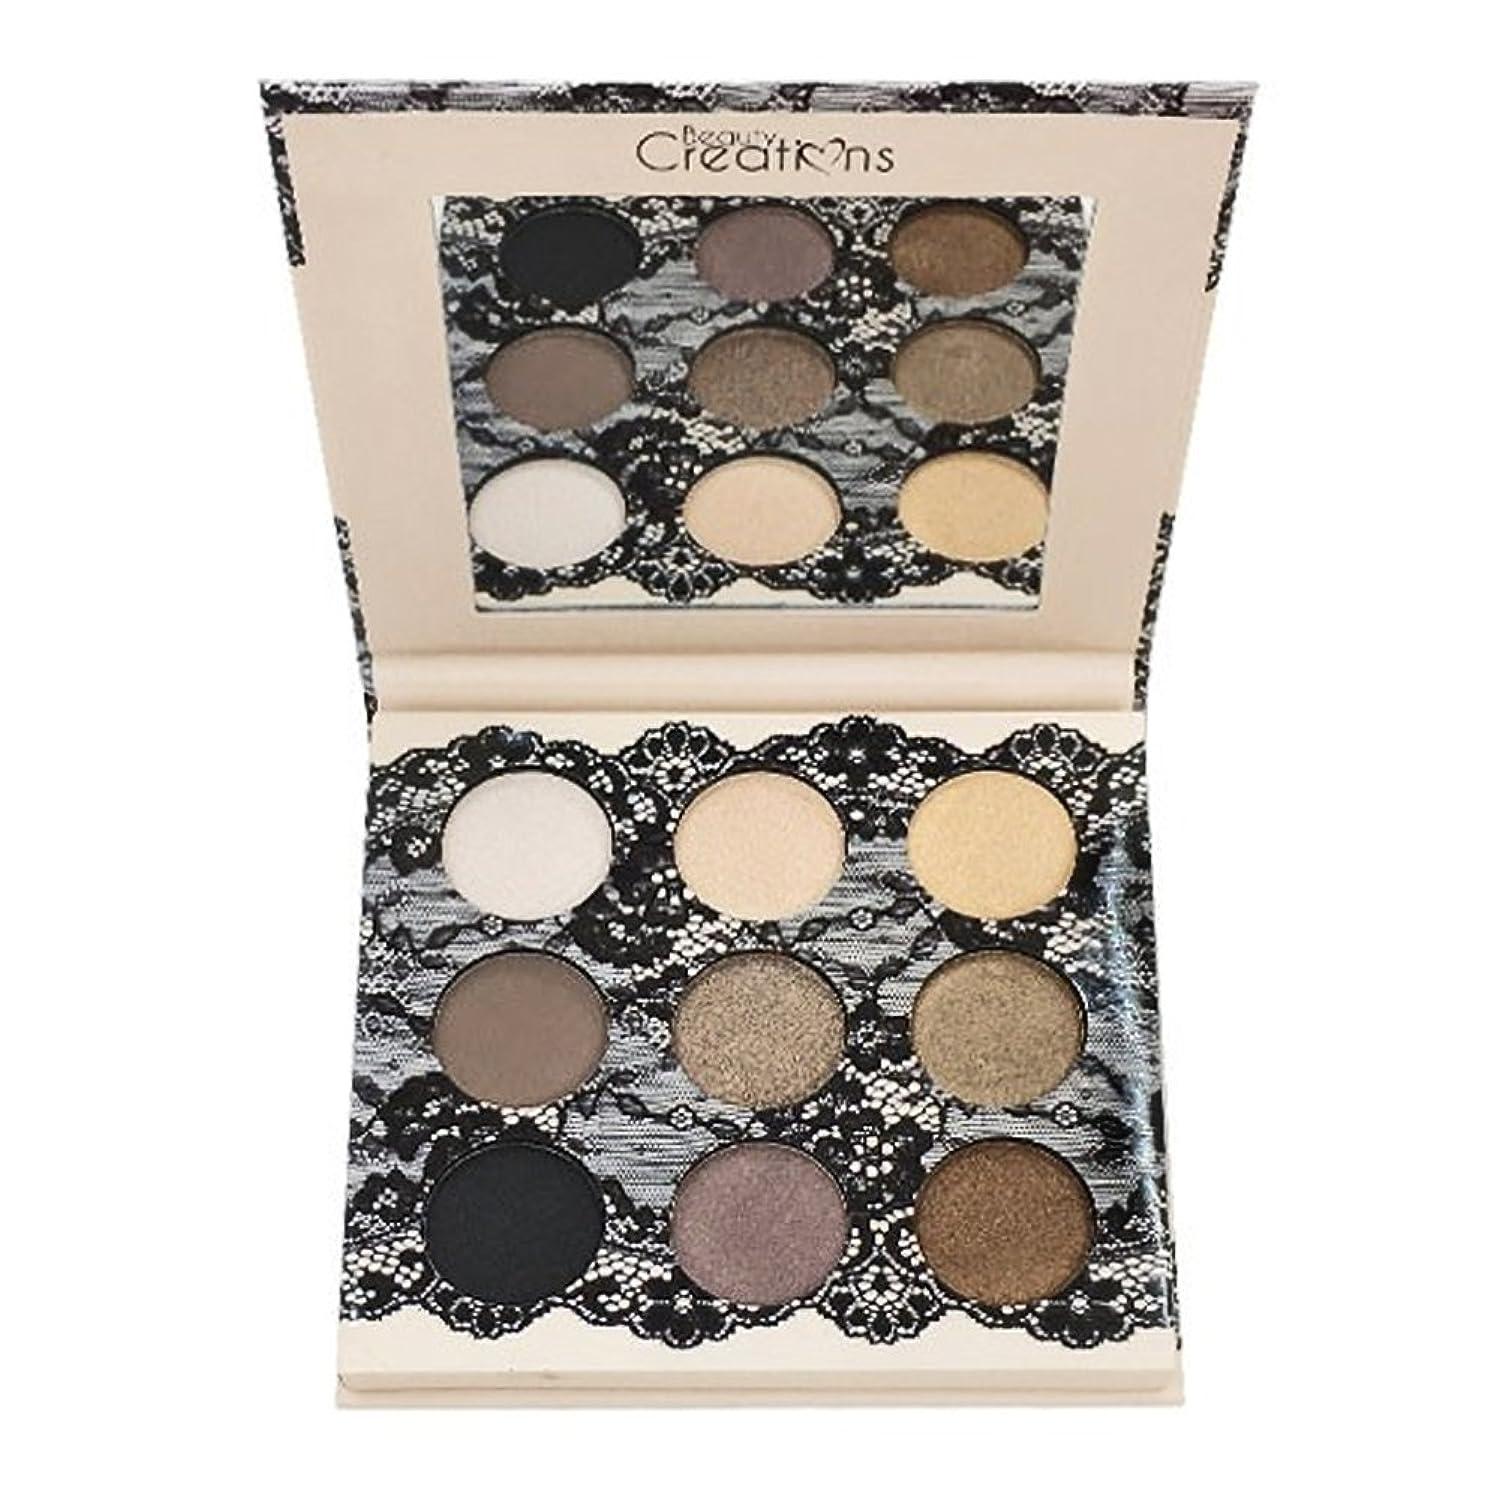 靄ビバマント(3 Pack) BEAUTY CREATIONS Boudoir Shadows 9 Shades Eyeshadow Palette - B (並行輸入品)